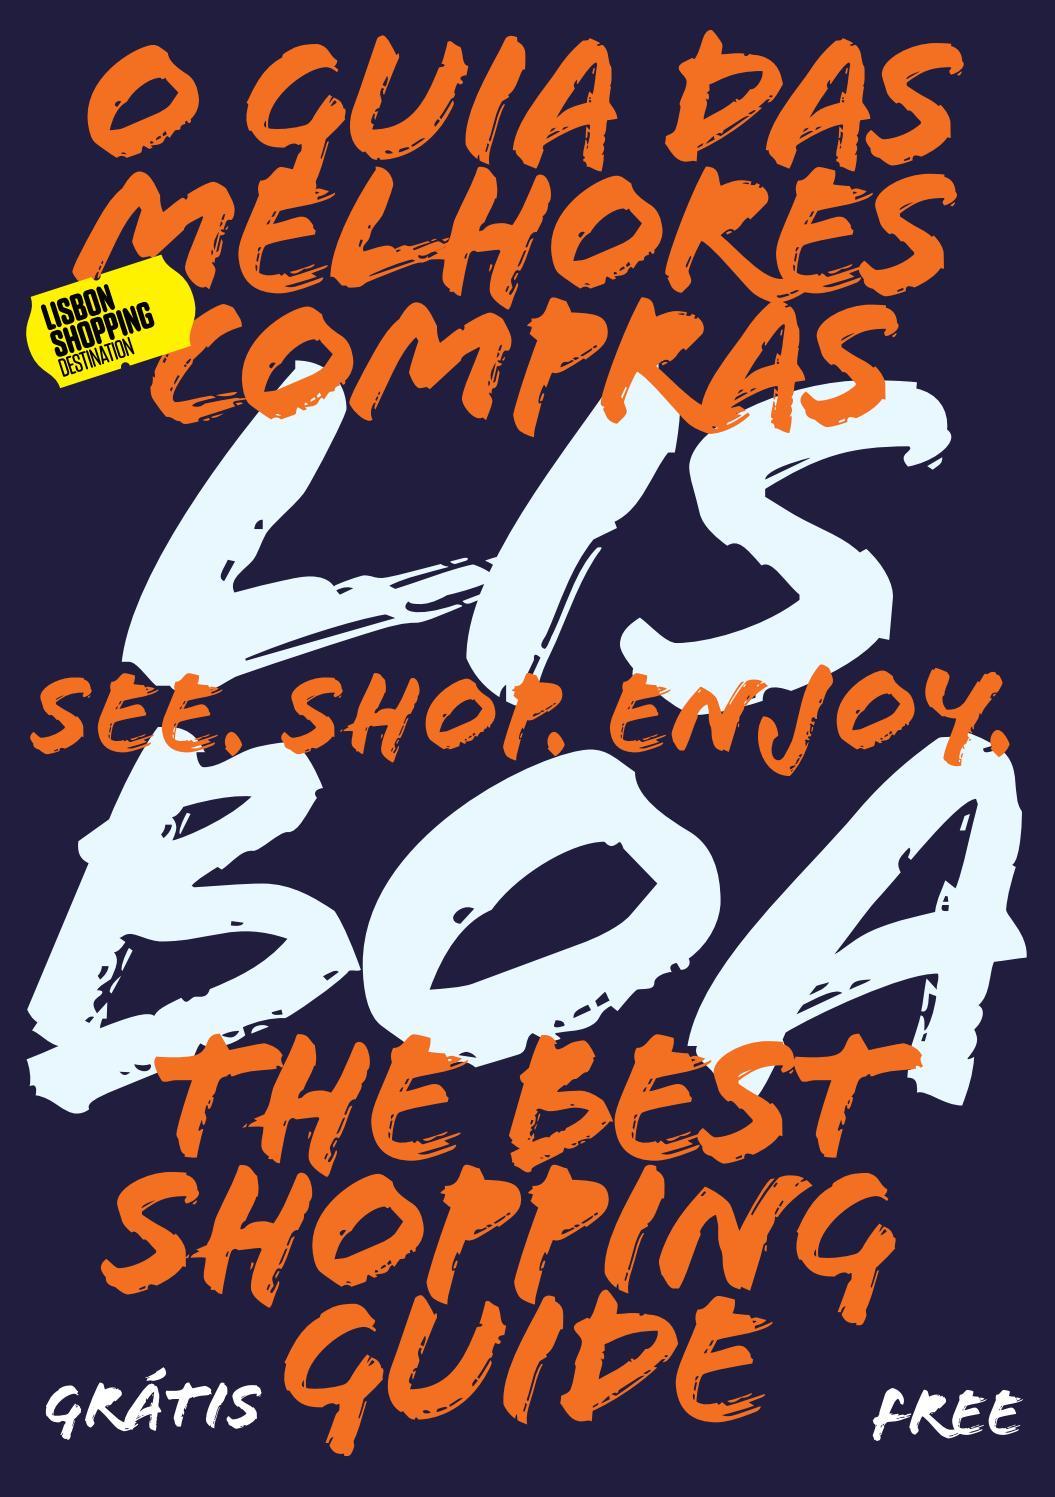 bb327bc62bc Guia das Melhores Compras Lisbon Shopping Destination by Café Pessoa - issuu